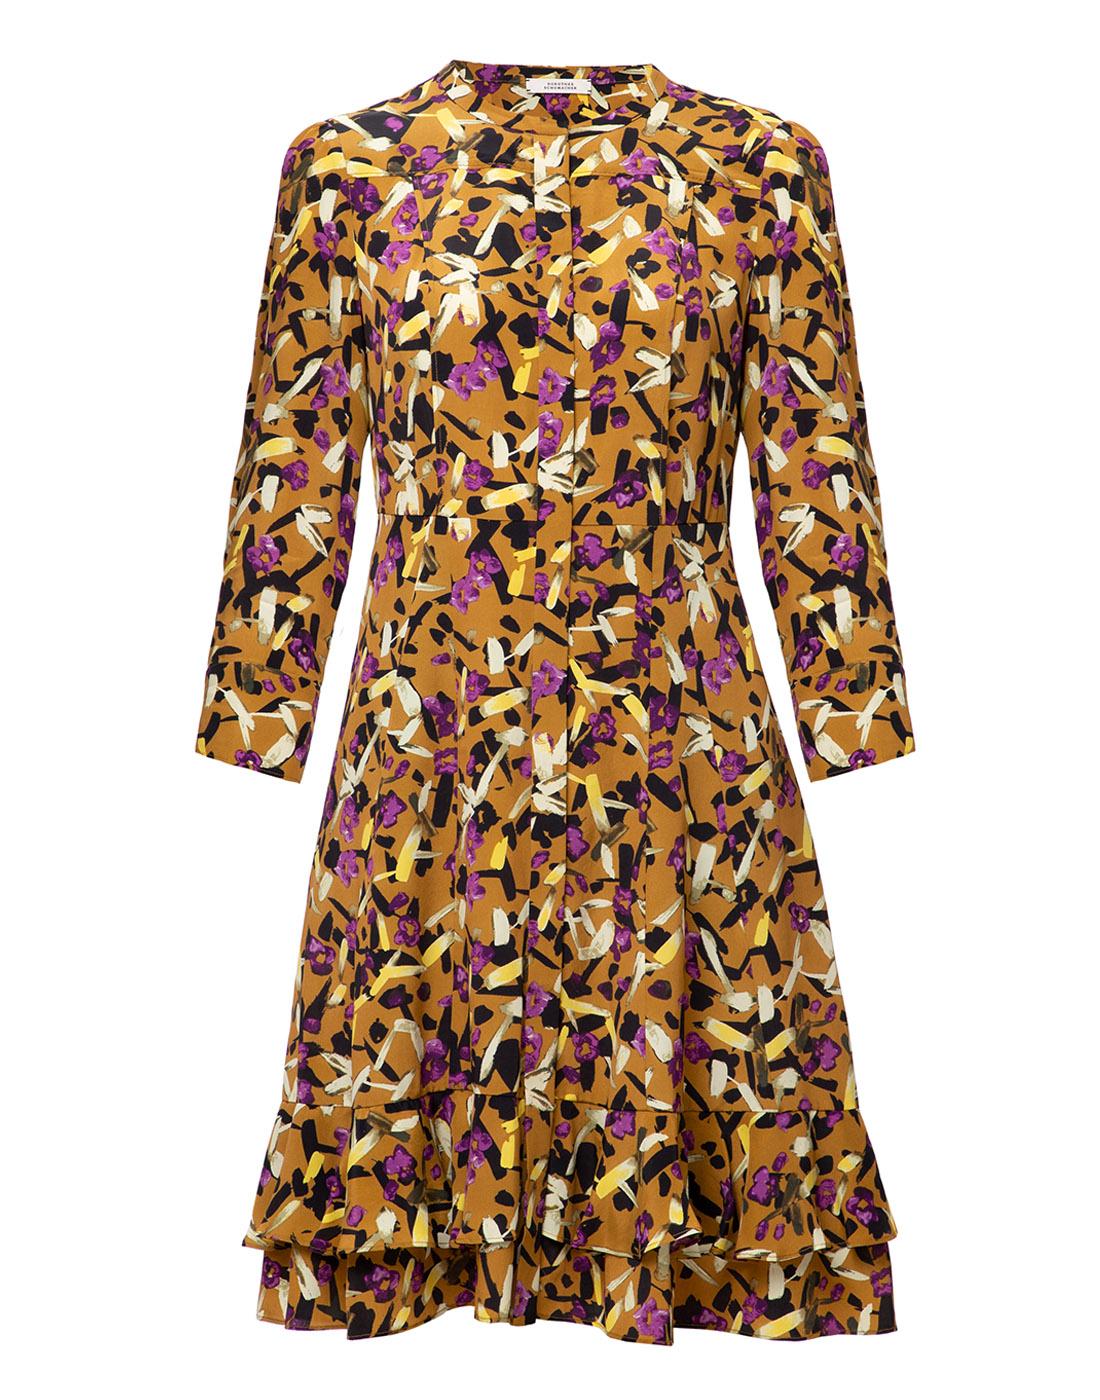 Женское платье-рубашка  Dorothee Schumacher S649713/072-1